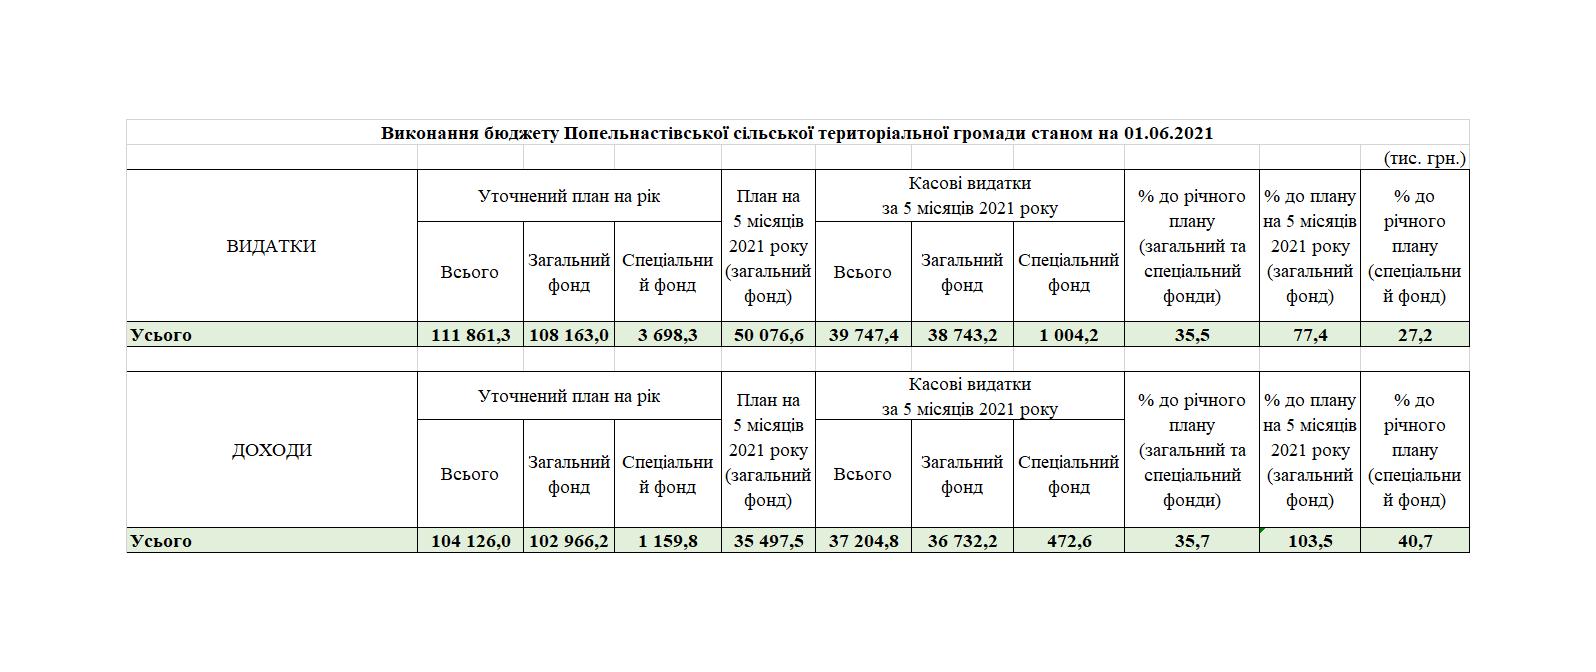 Виконання бюджету Попельнастівської сільської територіальної громади станом на 01.06.2021